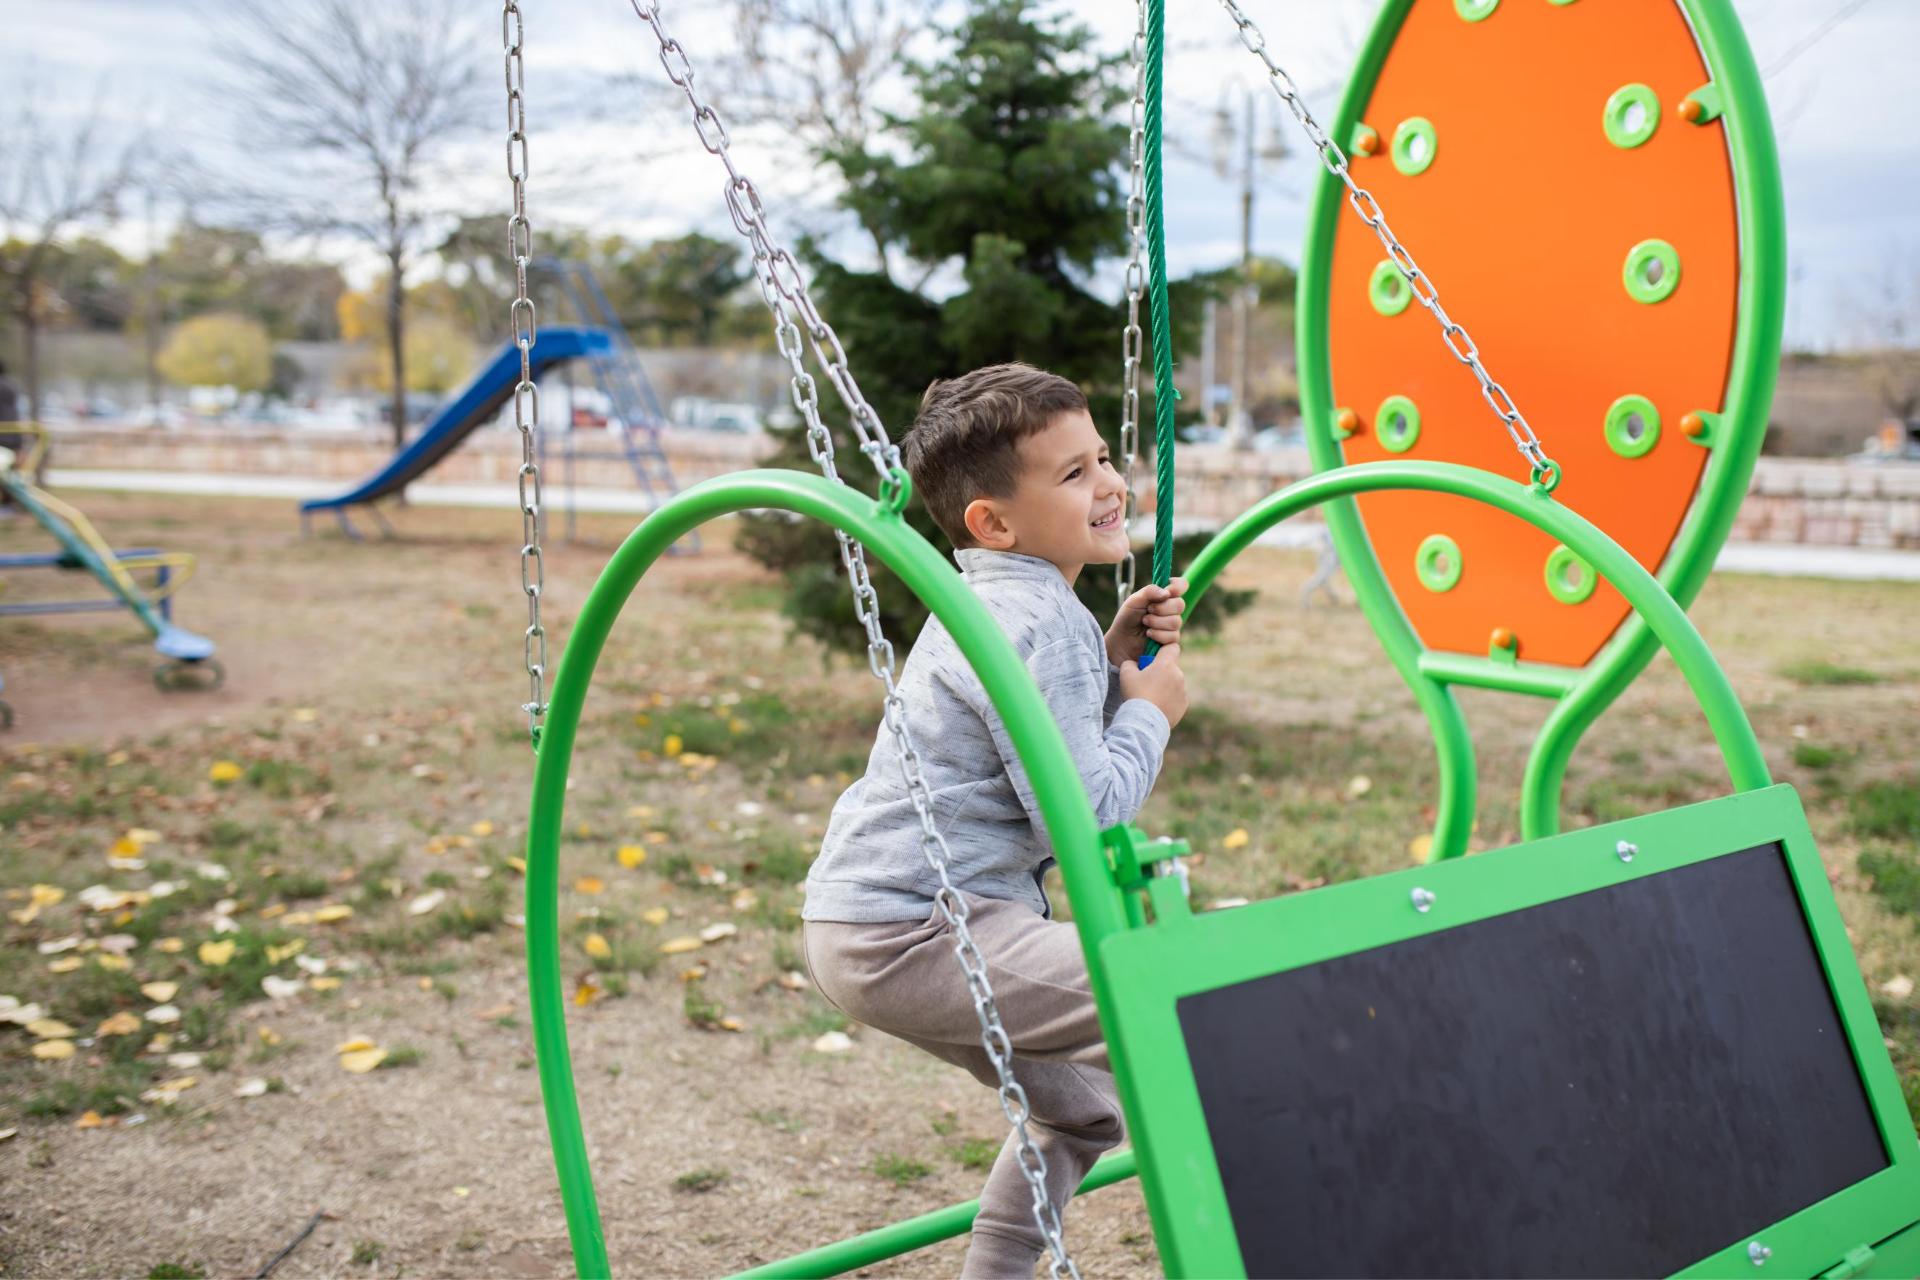 plac zabaw dla dzieci z niepełnosprawdnością